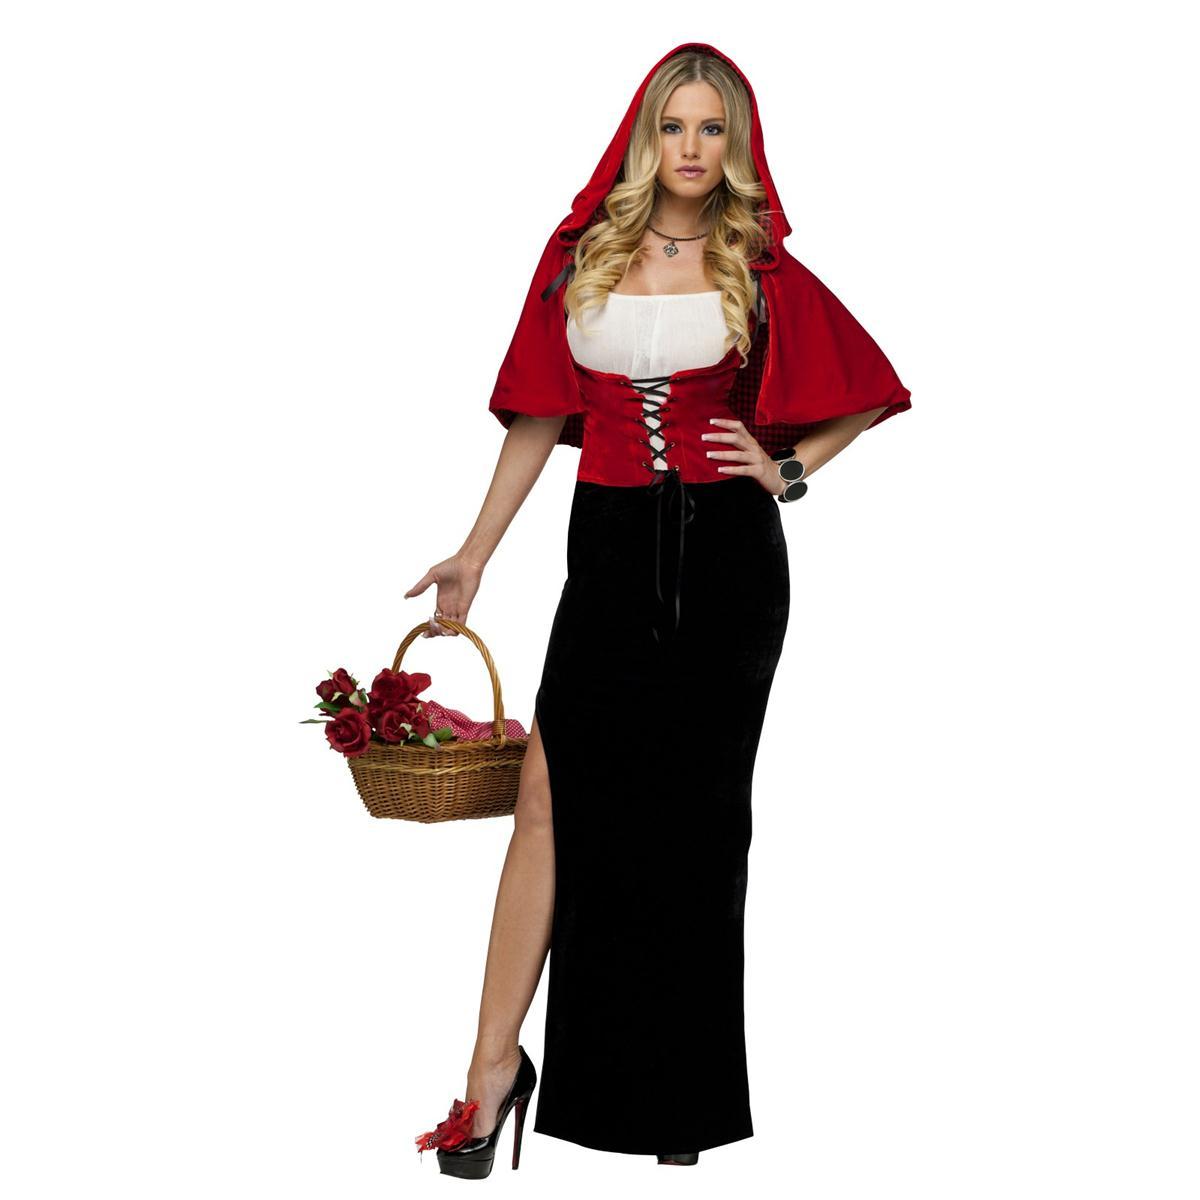 セクシー 衣装 コスプレ エレガント 赤ずきん 赤頭巾ちゃん 大人用 コスチューム ハロウィン コスチューム